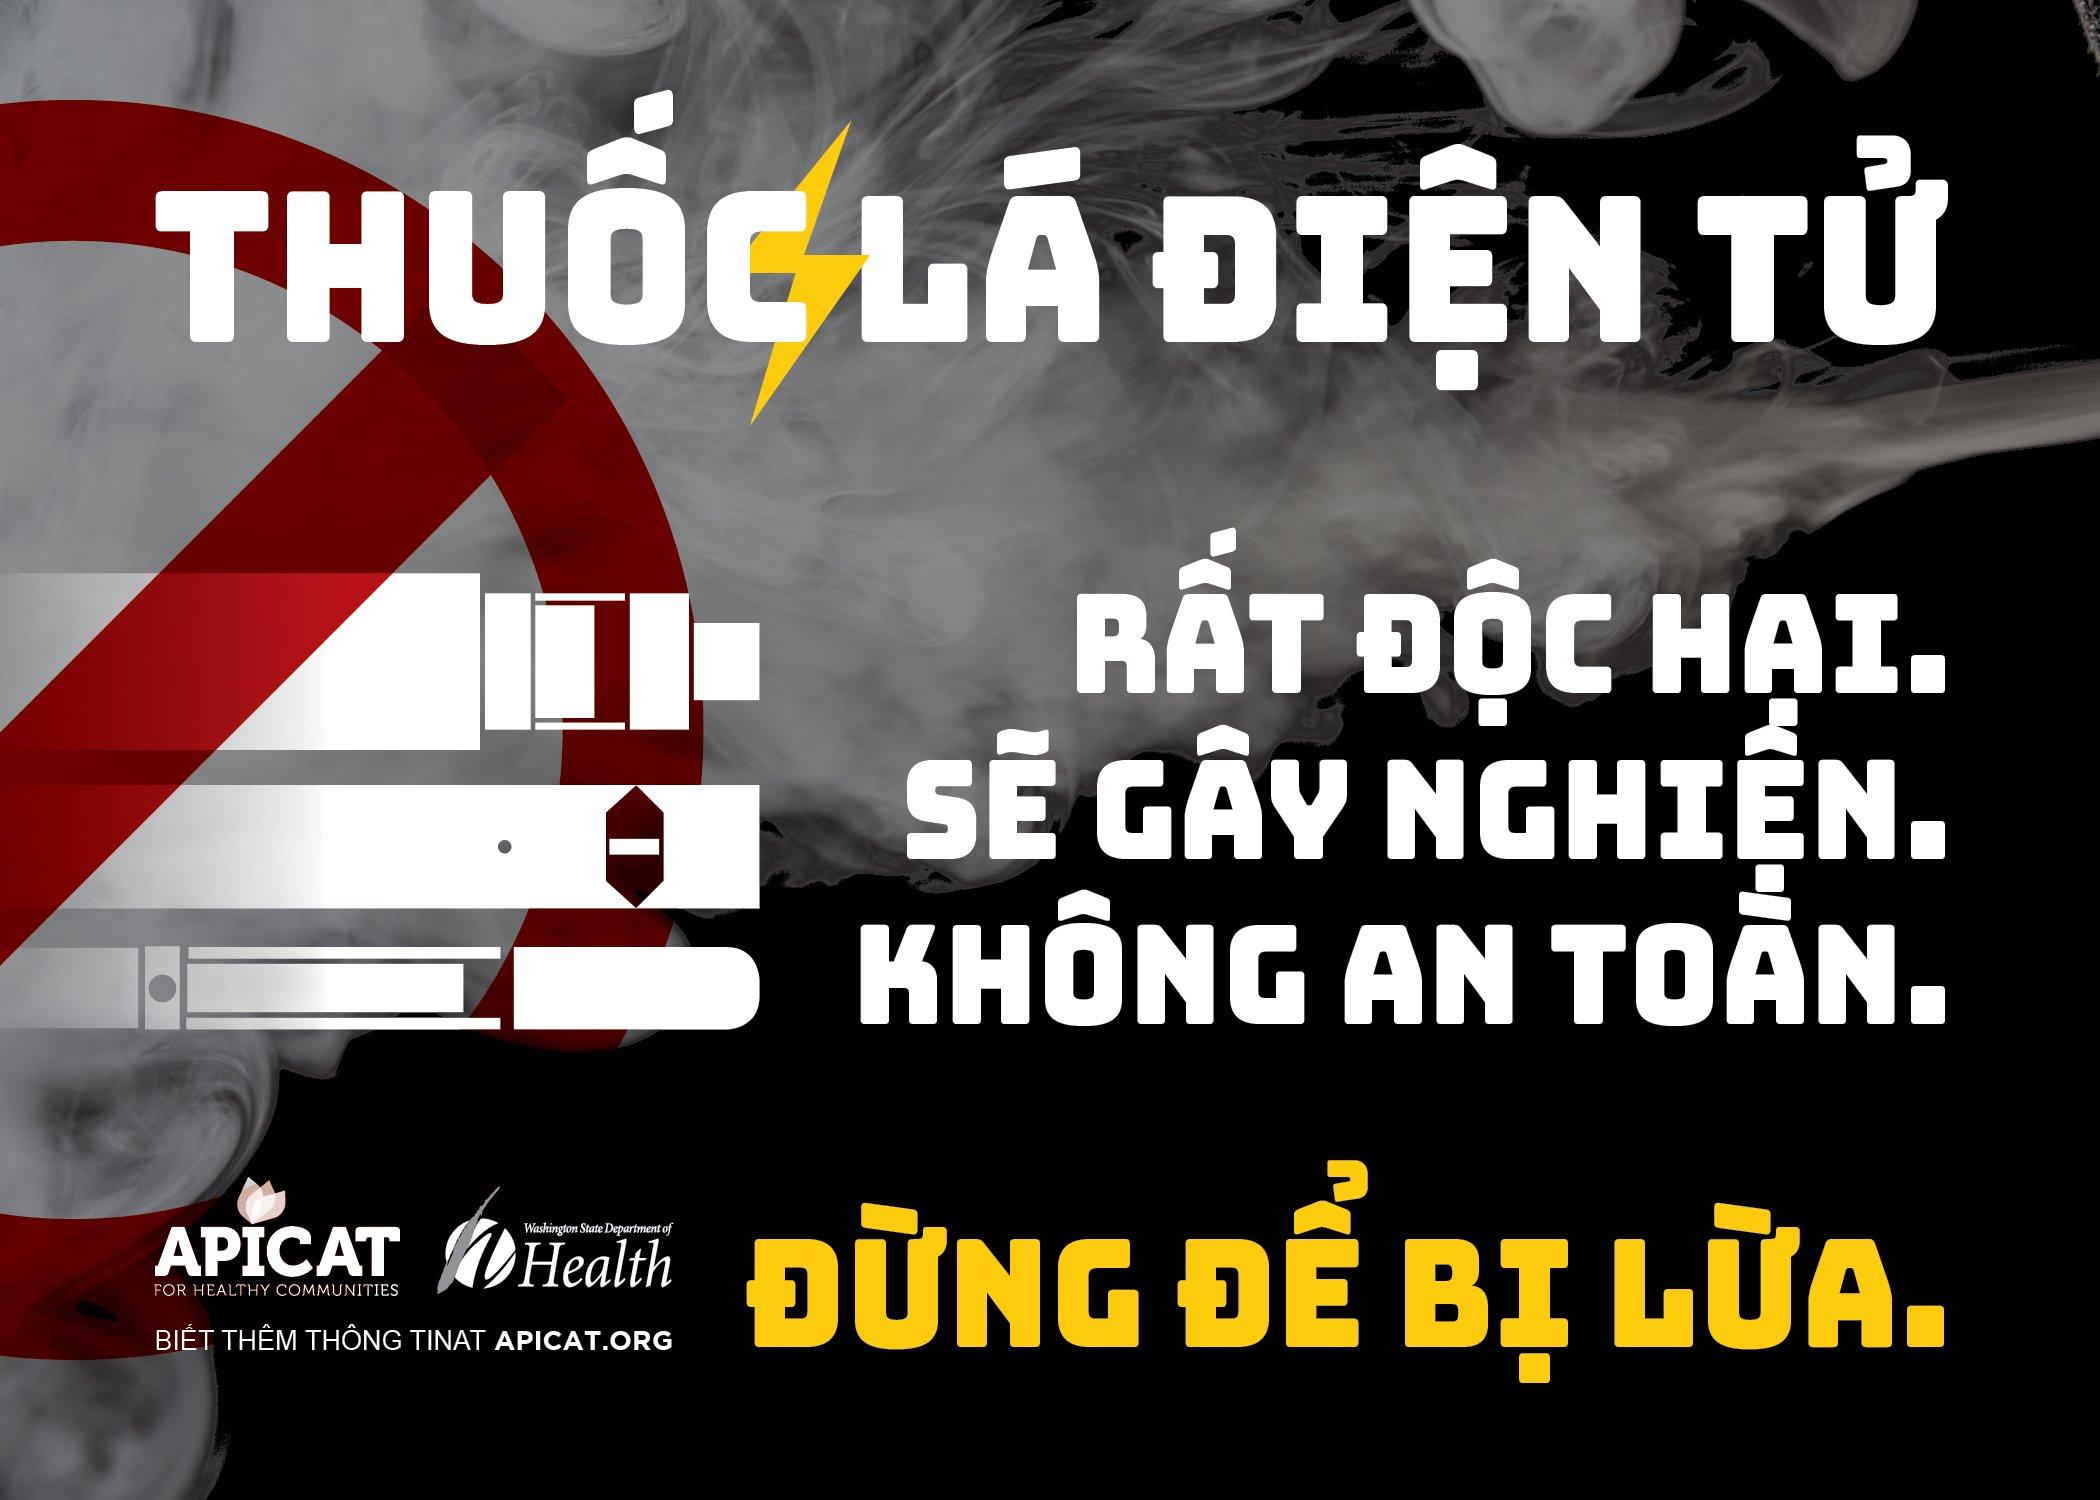 dbf_flyer_vietnamese